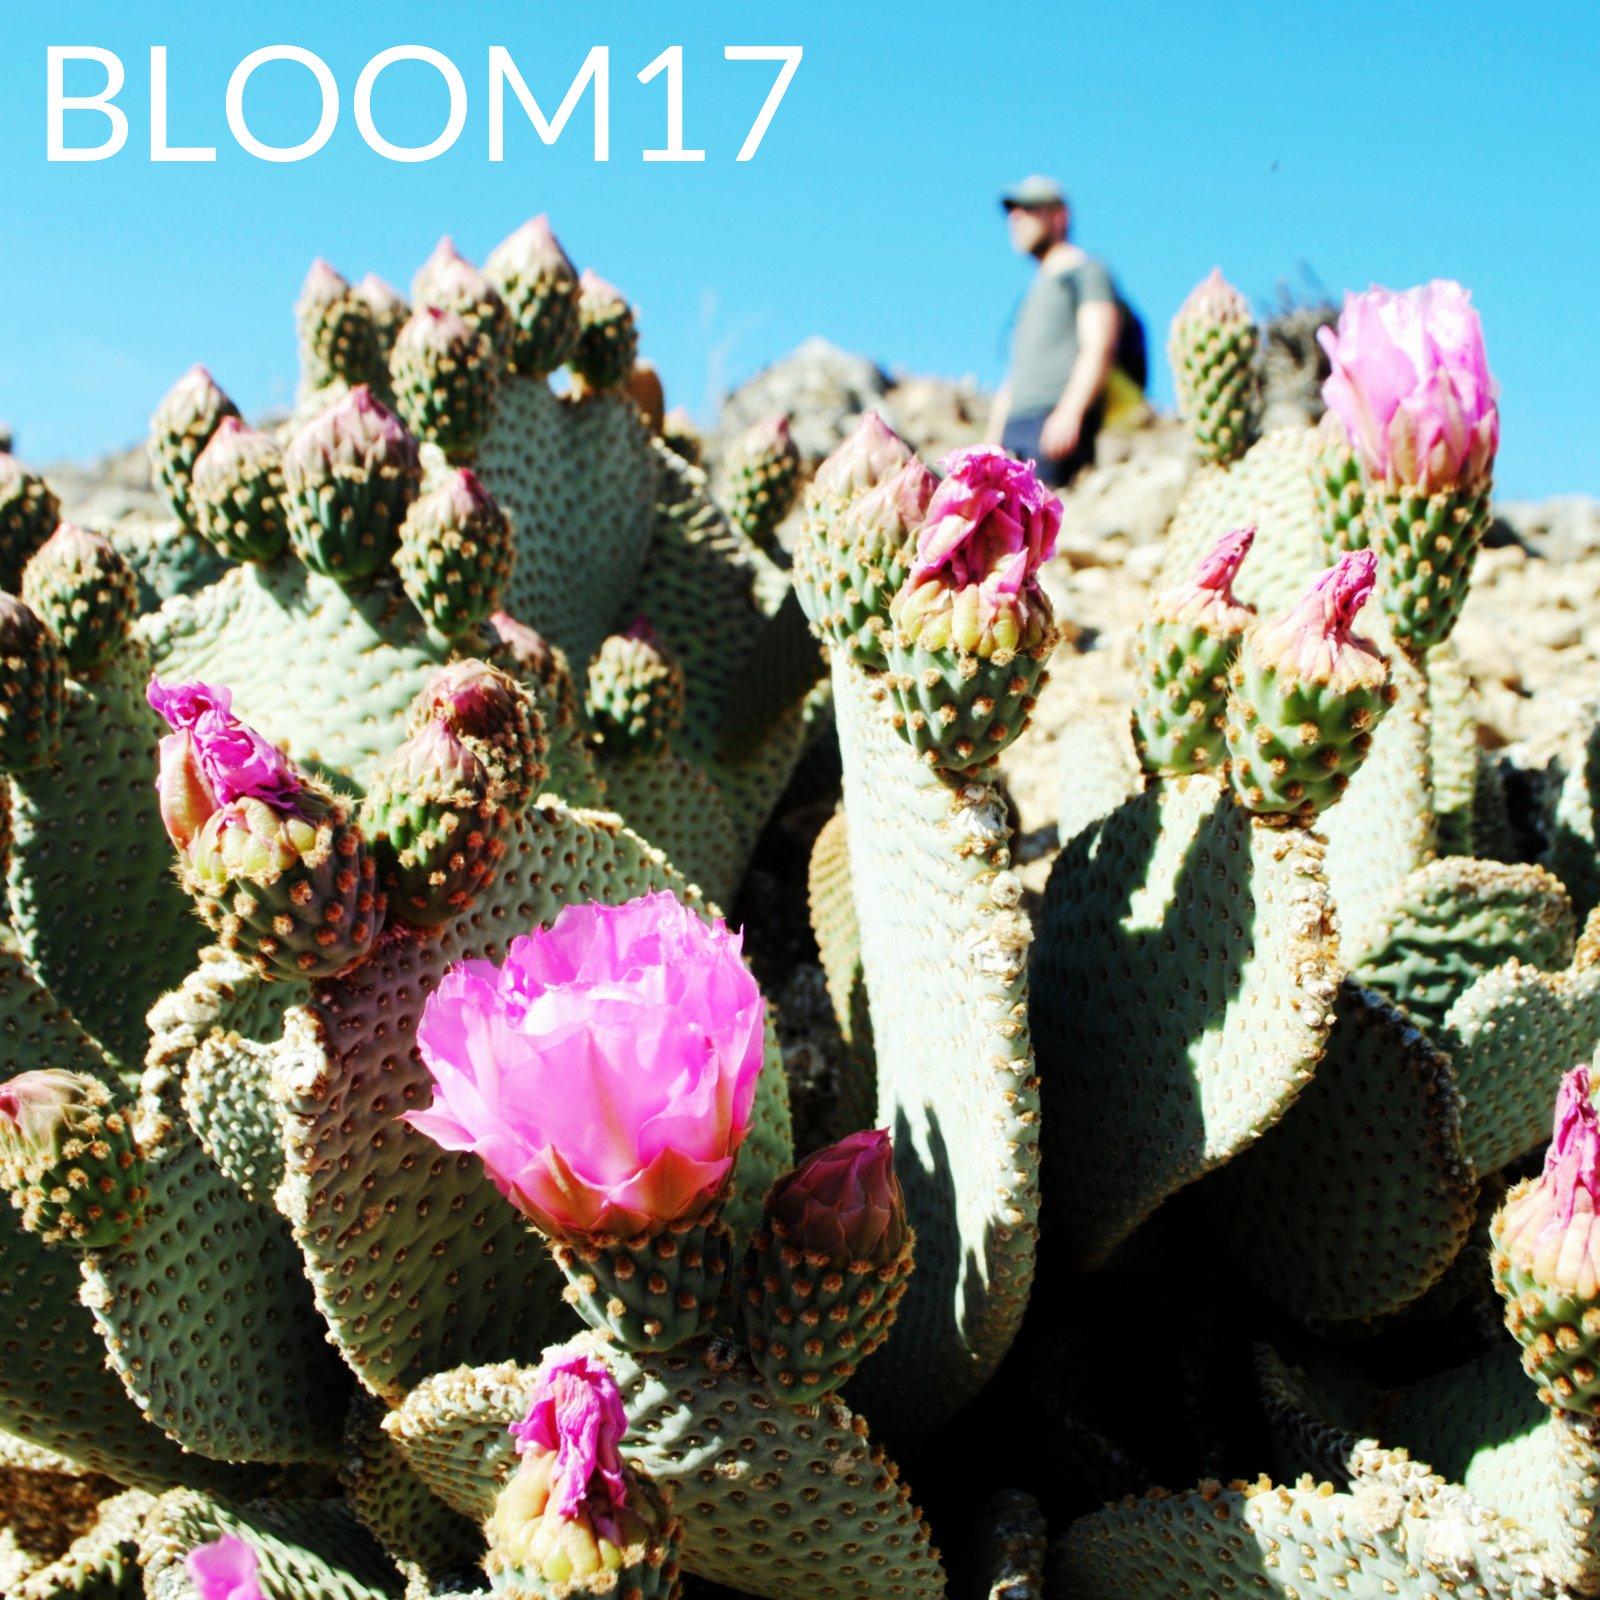 soundcloud, playlist, spring, music, cactus